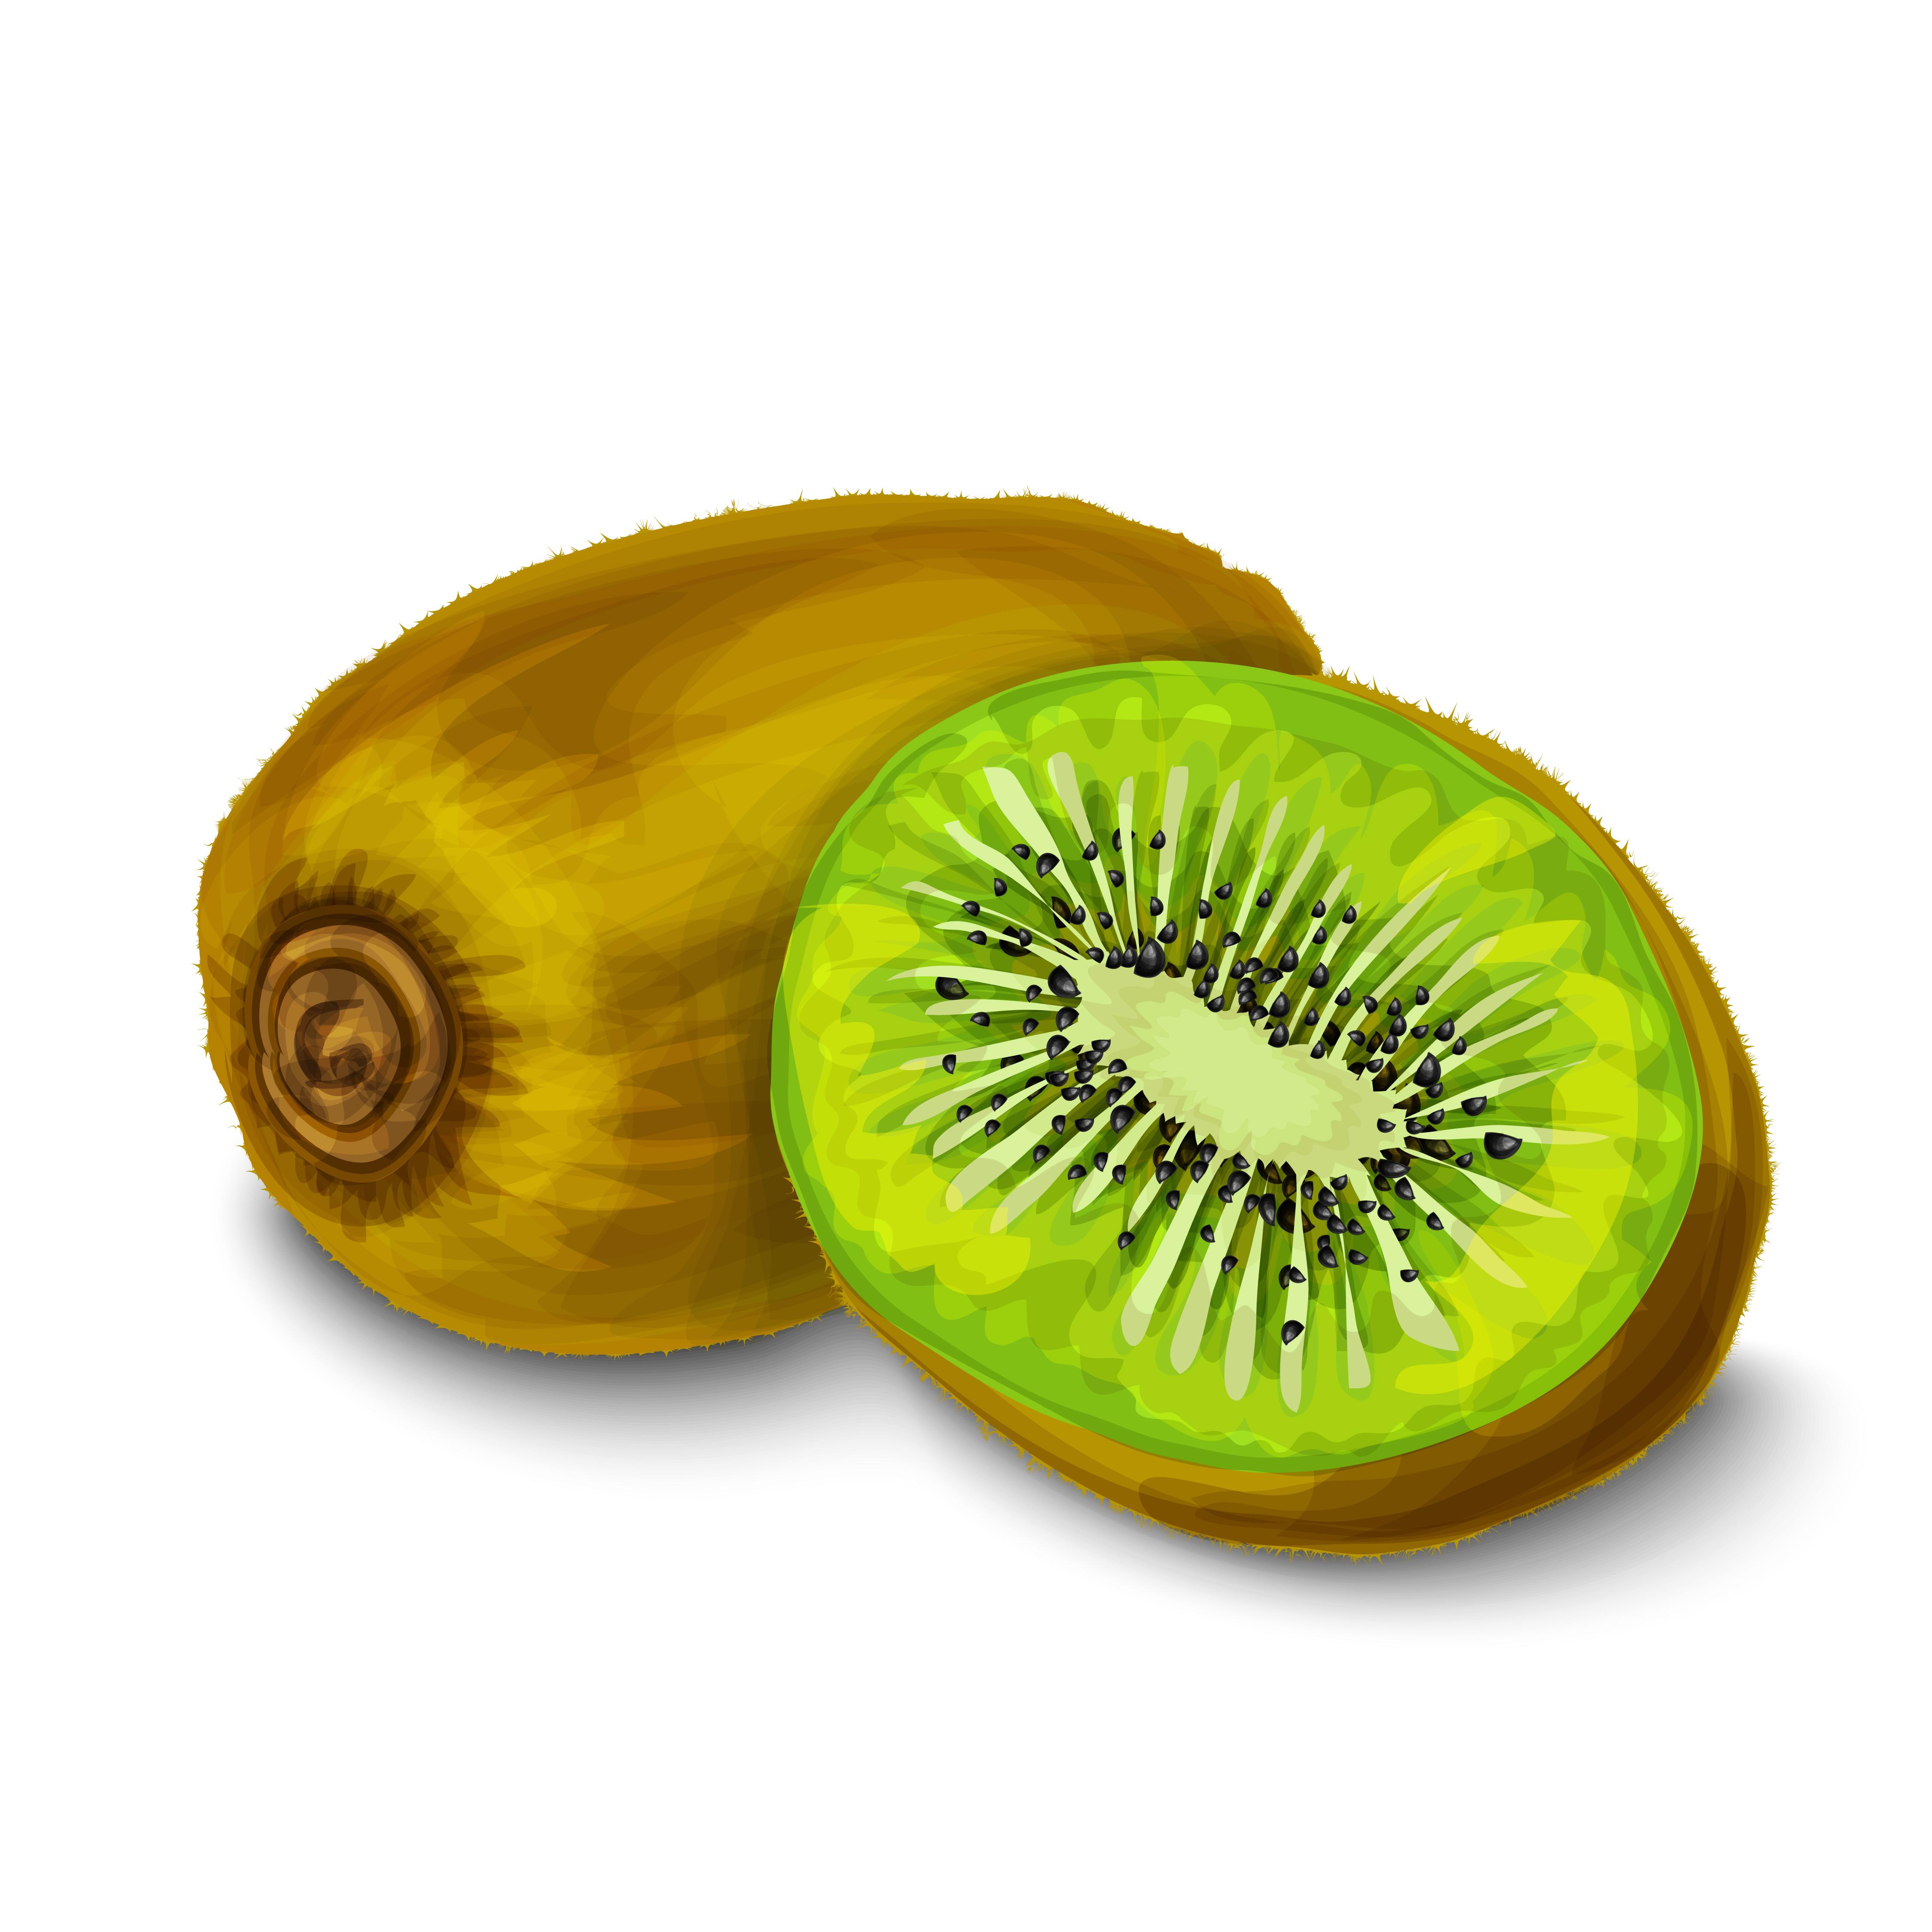 Kiwi isolated poster or emblem 459738 Vector Art at Vecteezy (4500 x 4500 Pixel)